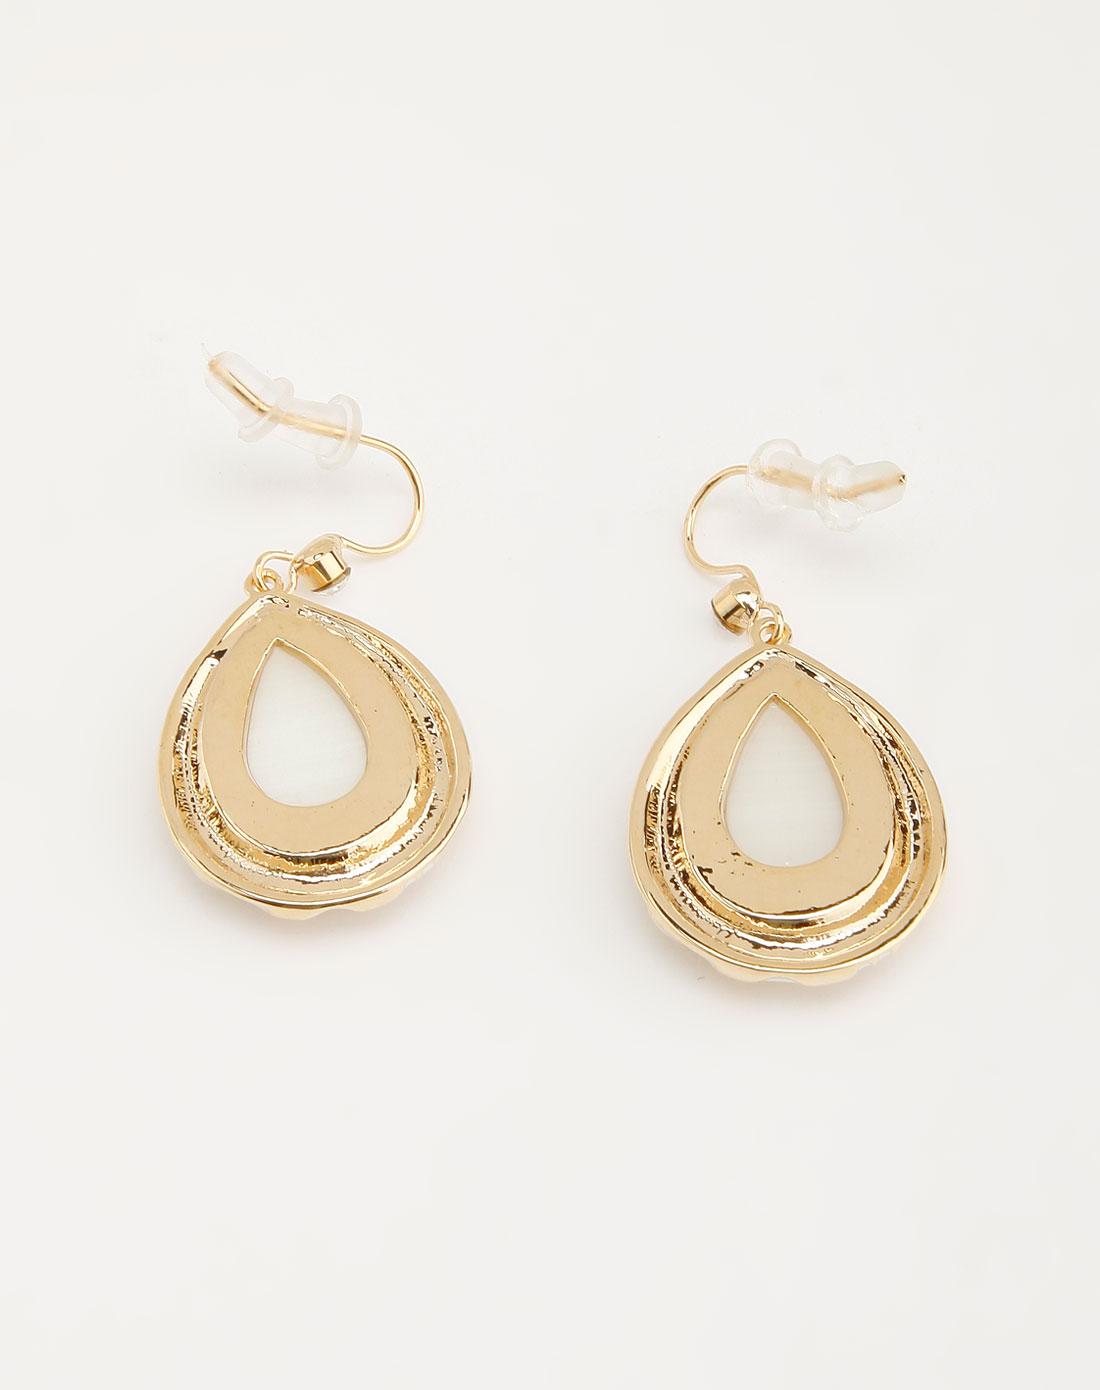 simida金色水滴形状高贵耳环